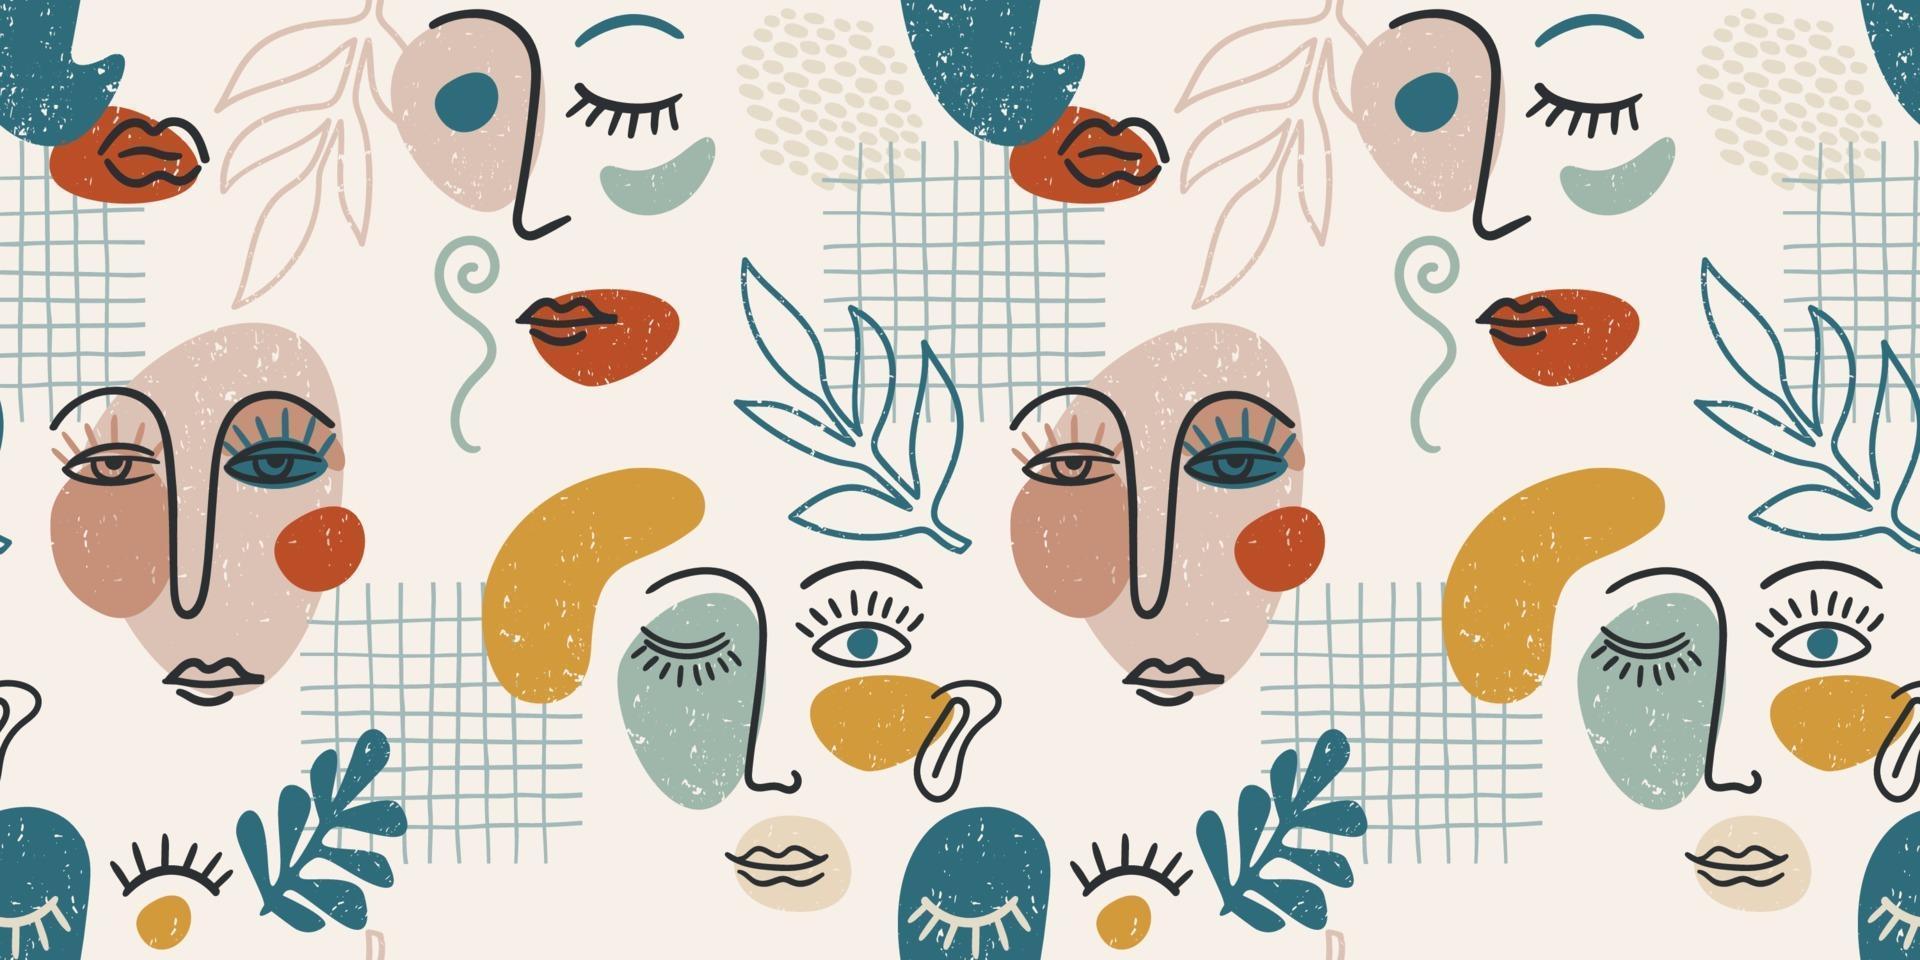 zeitgenössisches Porträt. Vektor nahtloses Muster mit trandy abstrakte Gesichtsbemalung.